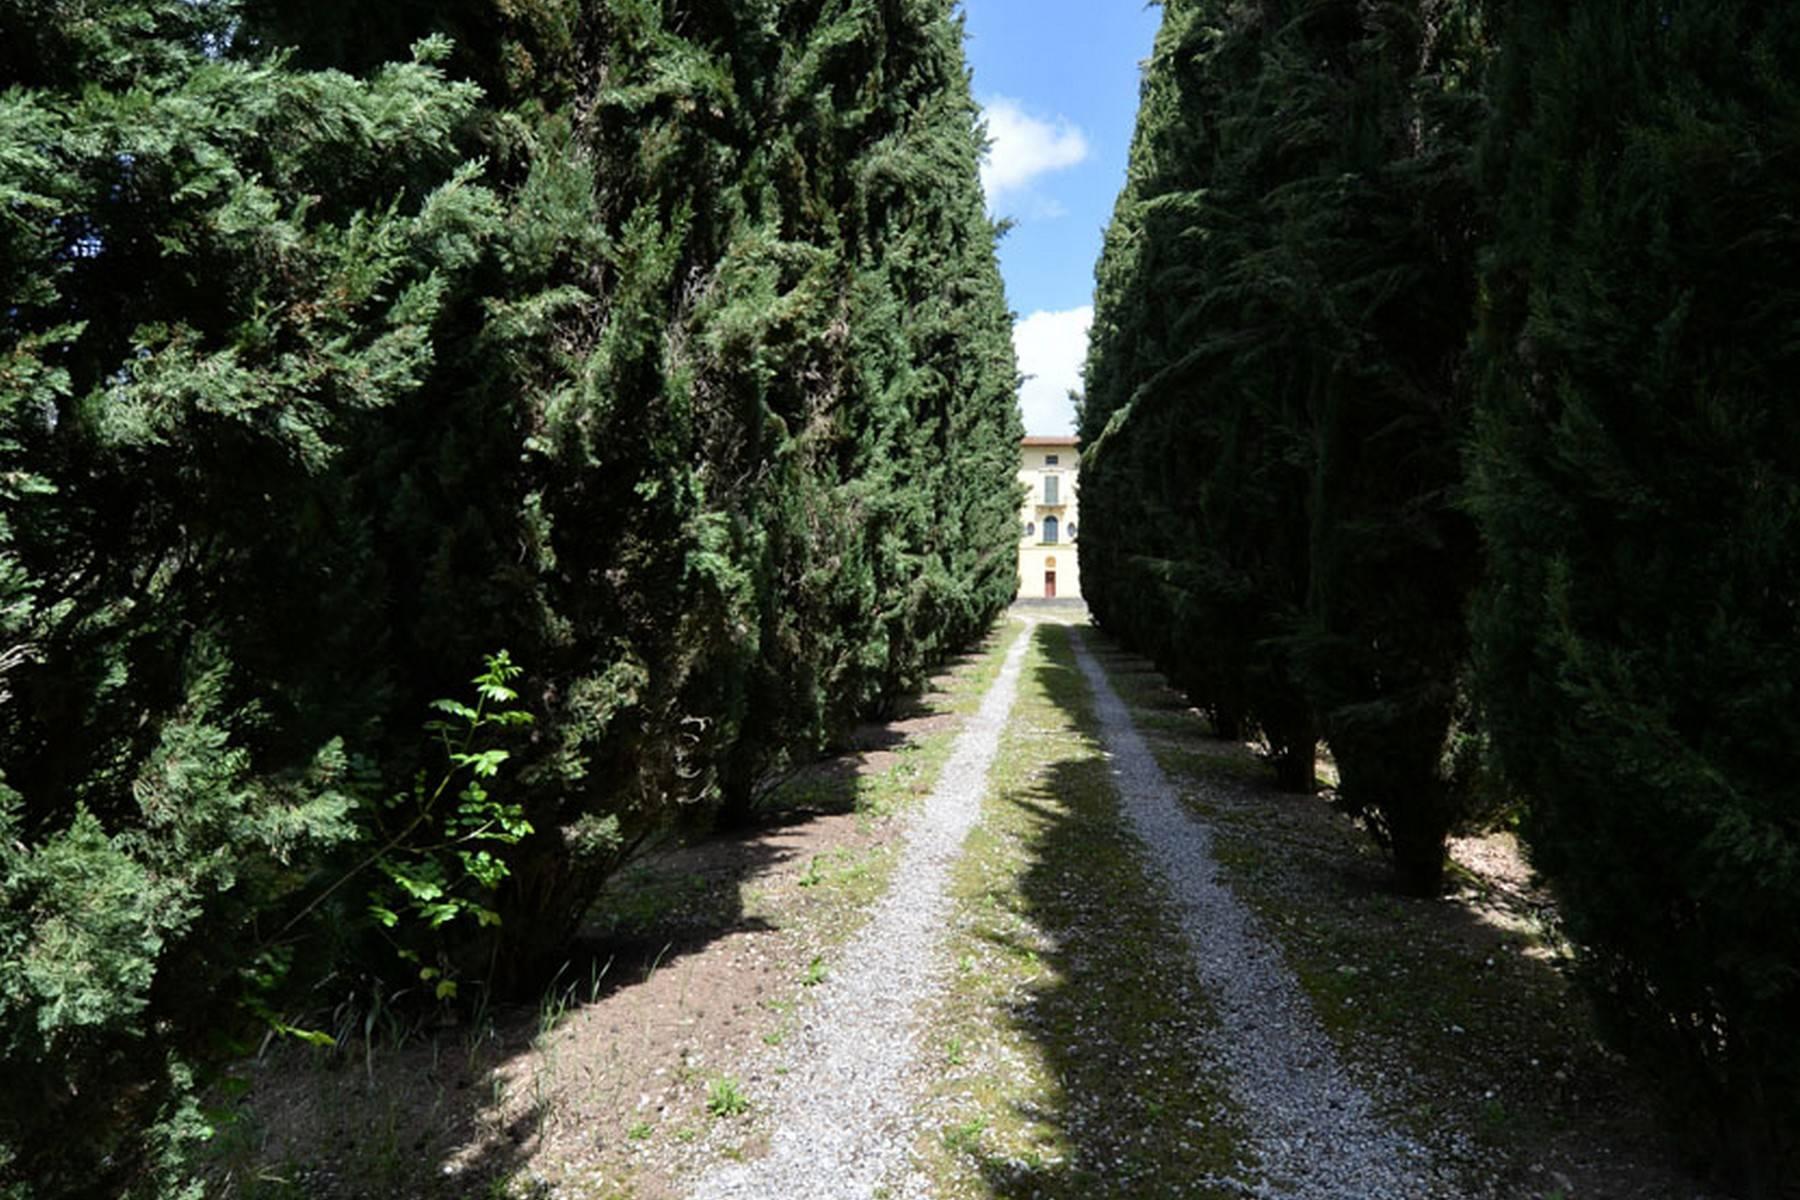 Villa aristocratique à vendre sur les collines de Sienne - 27